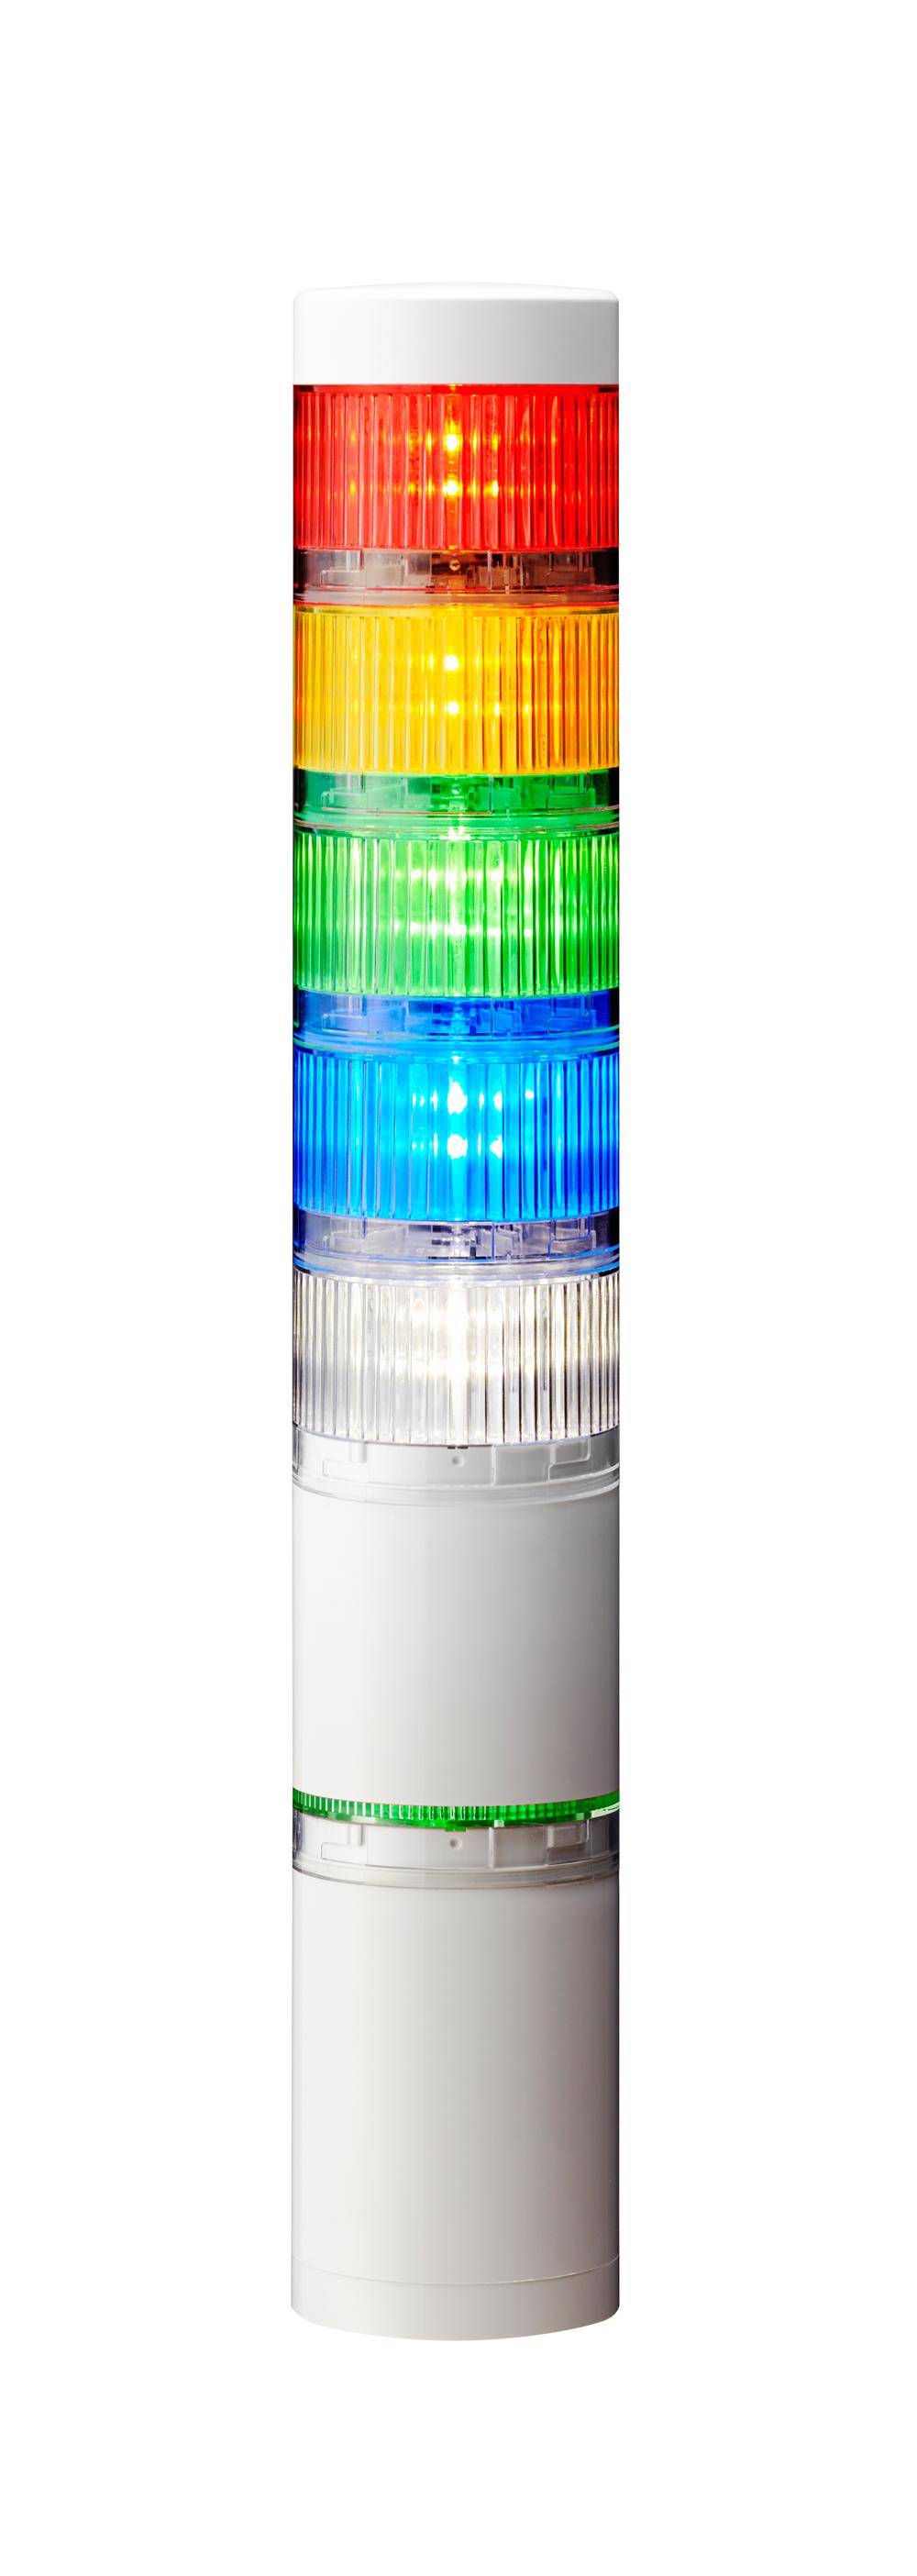 in-GmbH und PATLITE setzen Signale auf der HANNOVER MESSE: Einfache Überwachung in der Produktion